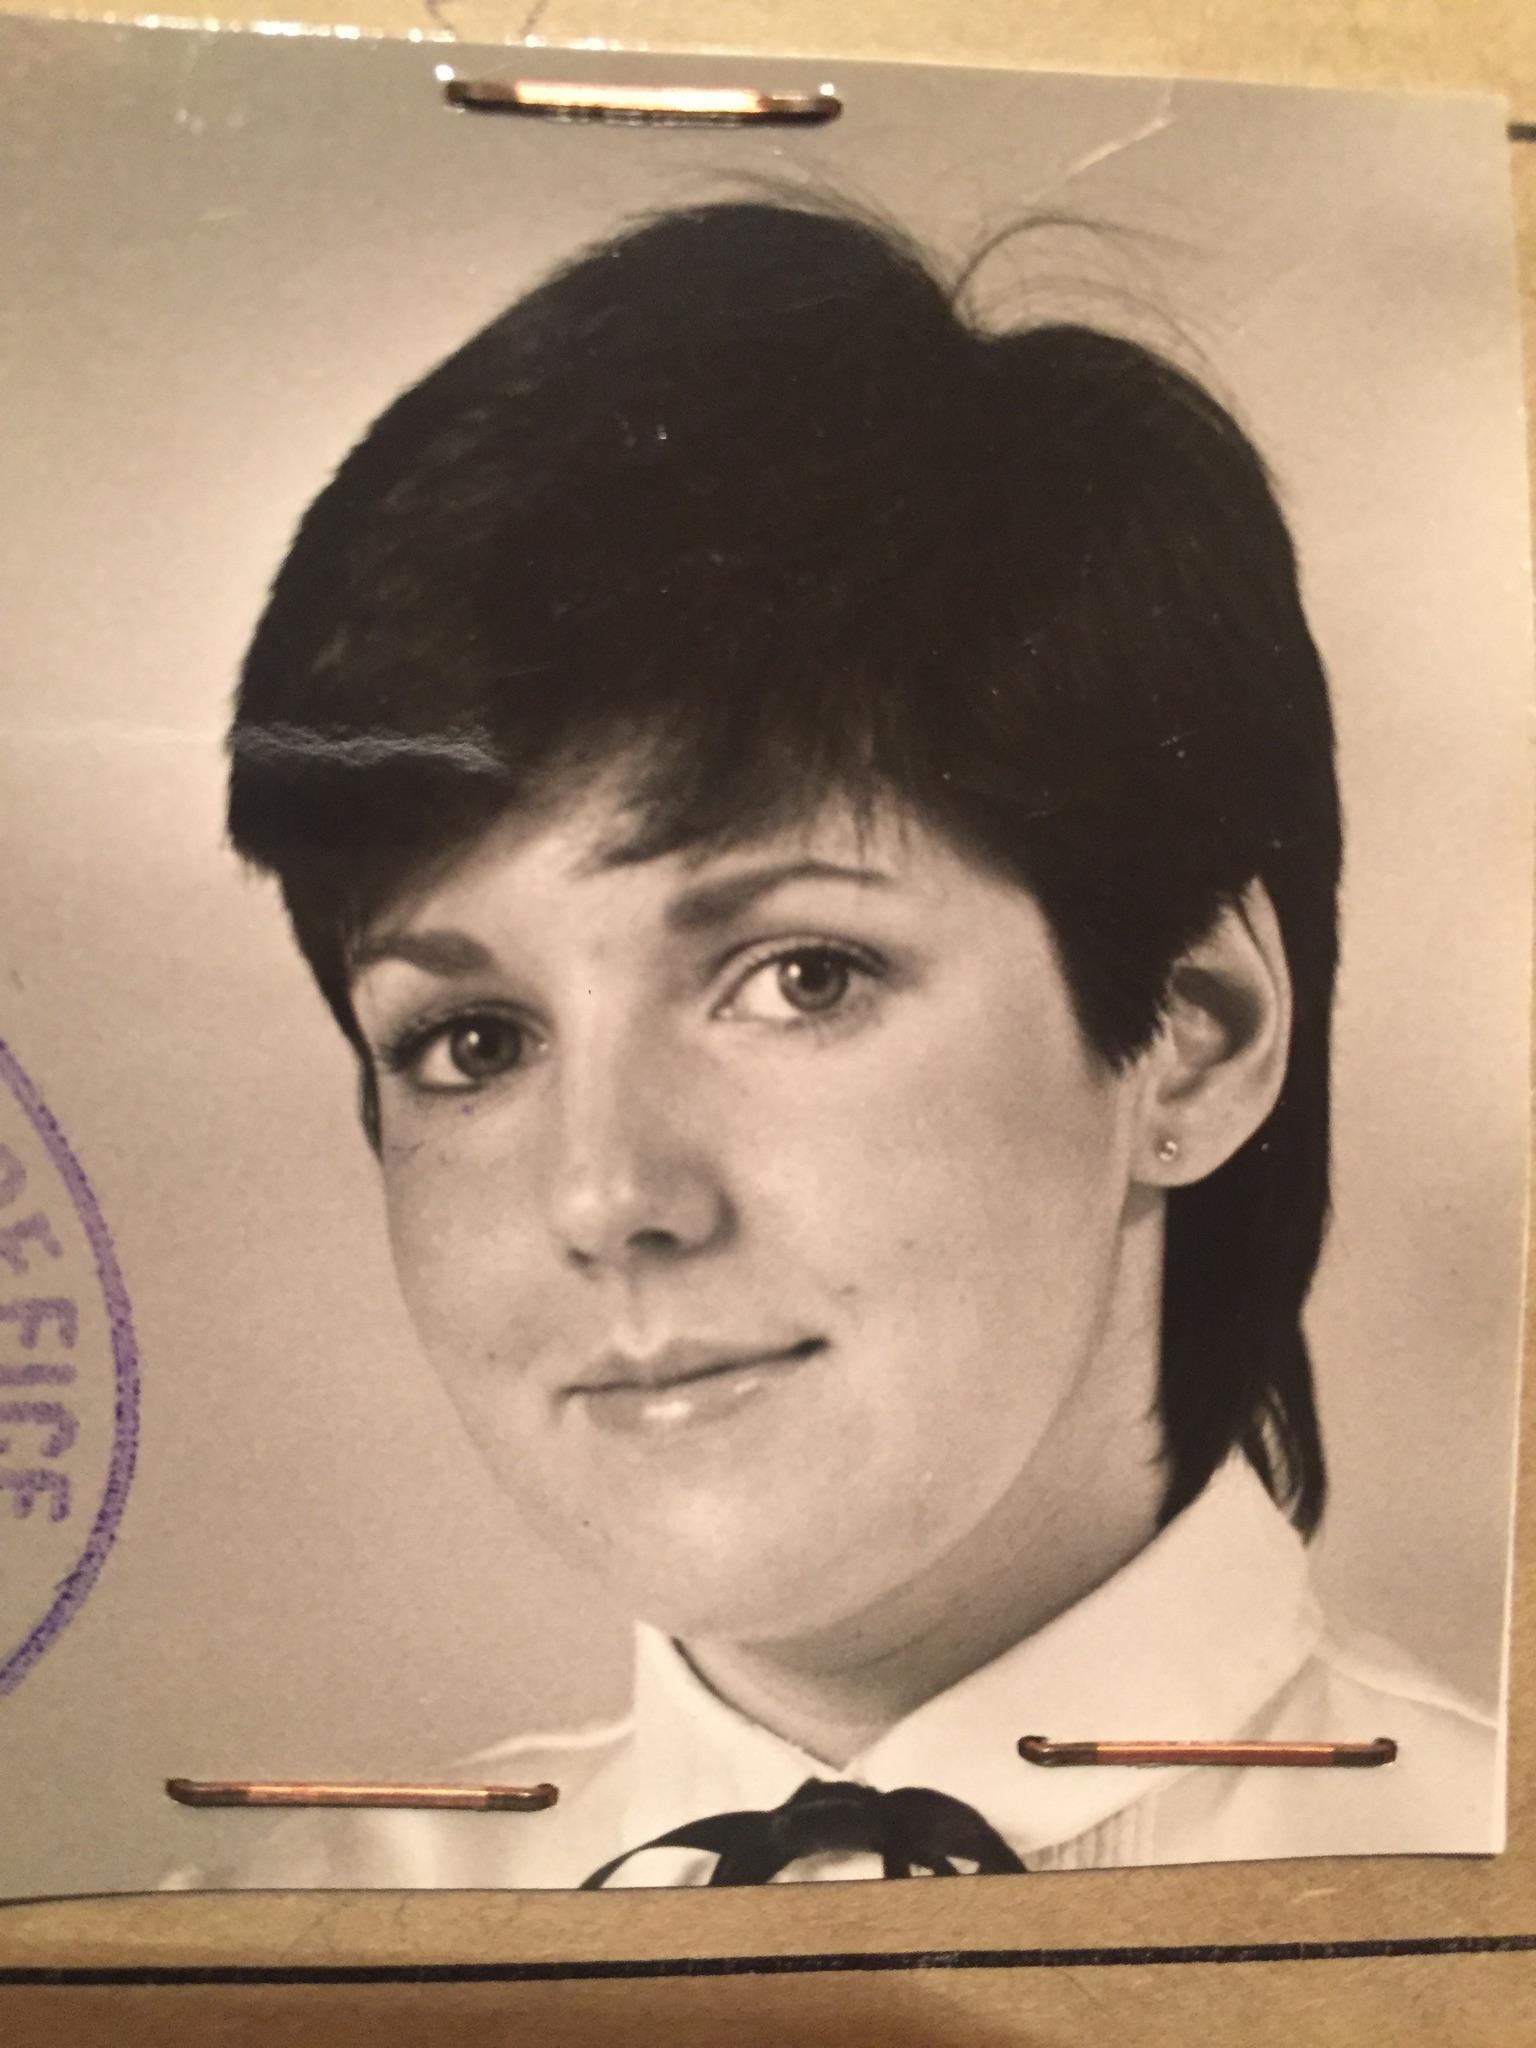 My passport from 1981.